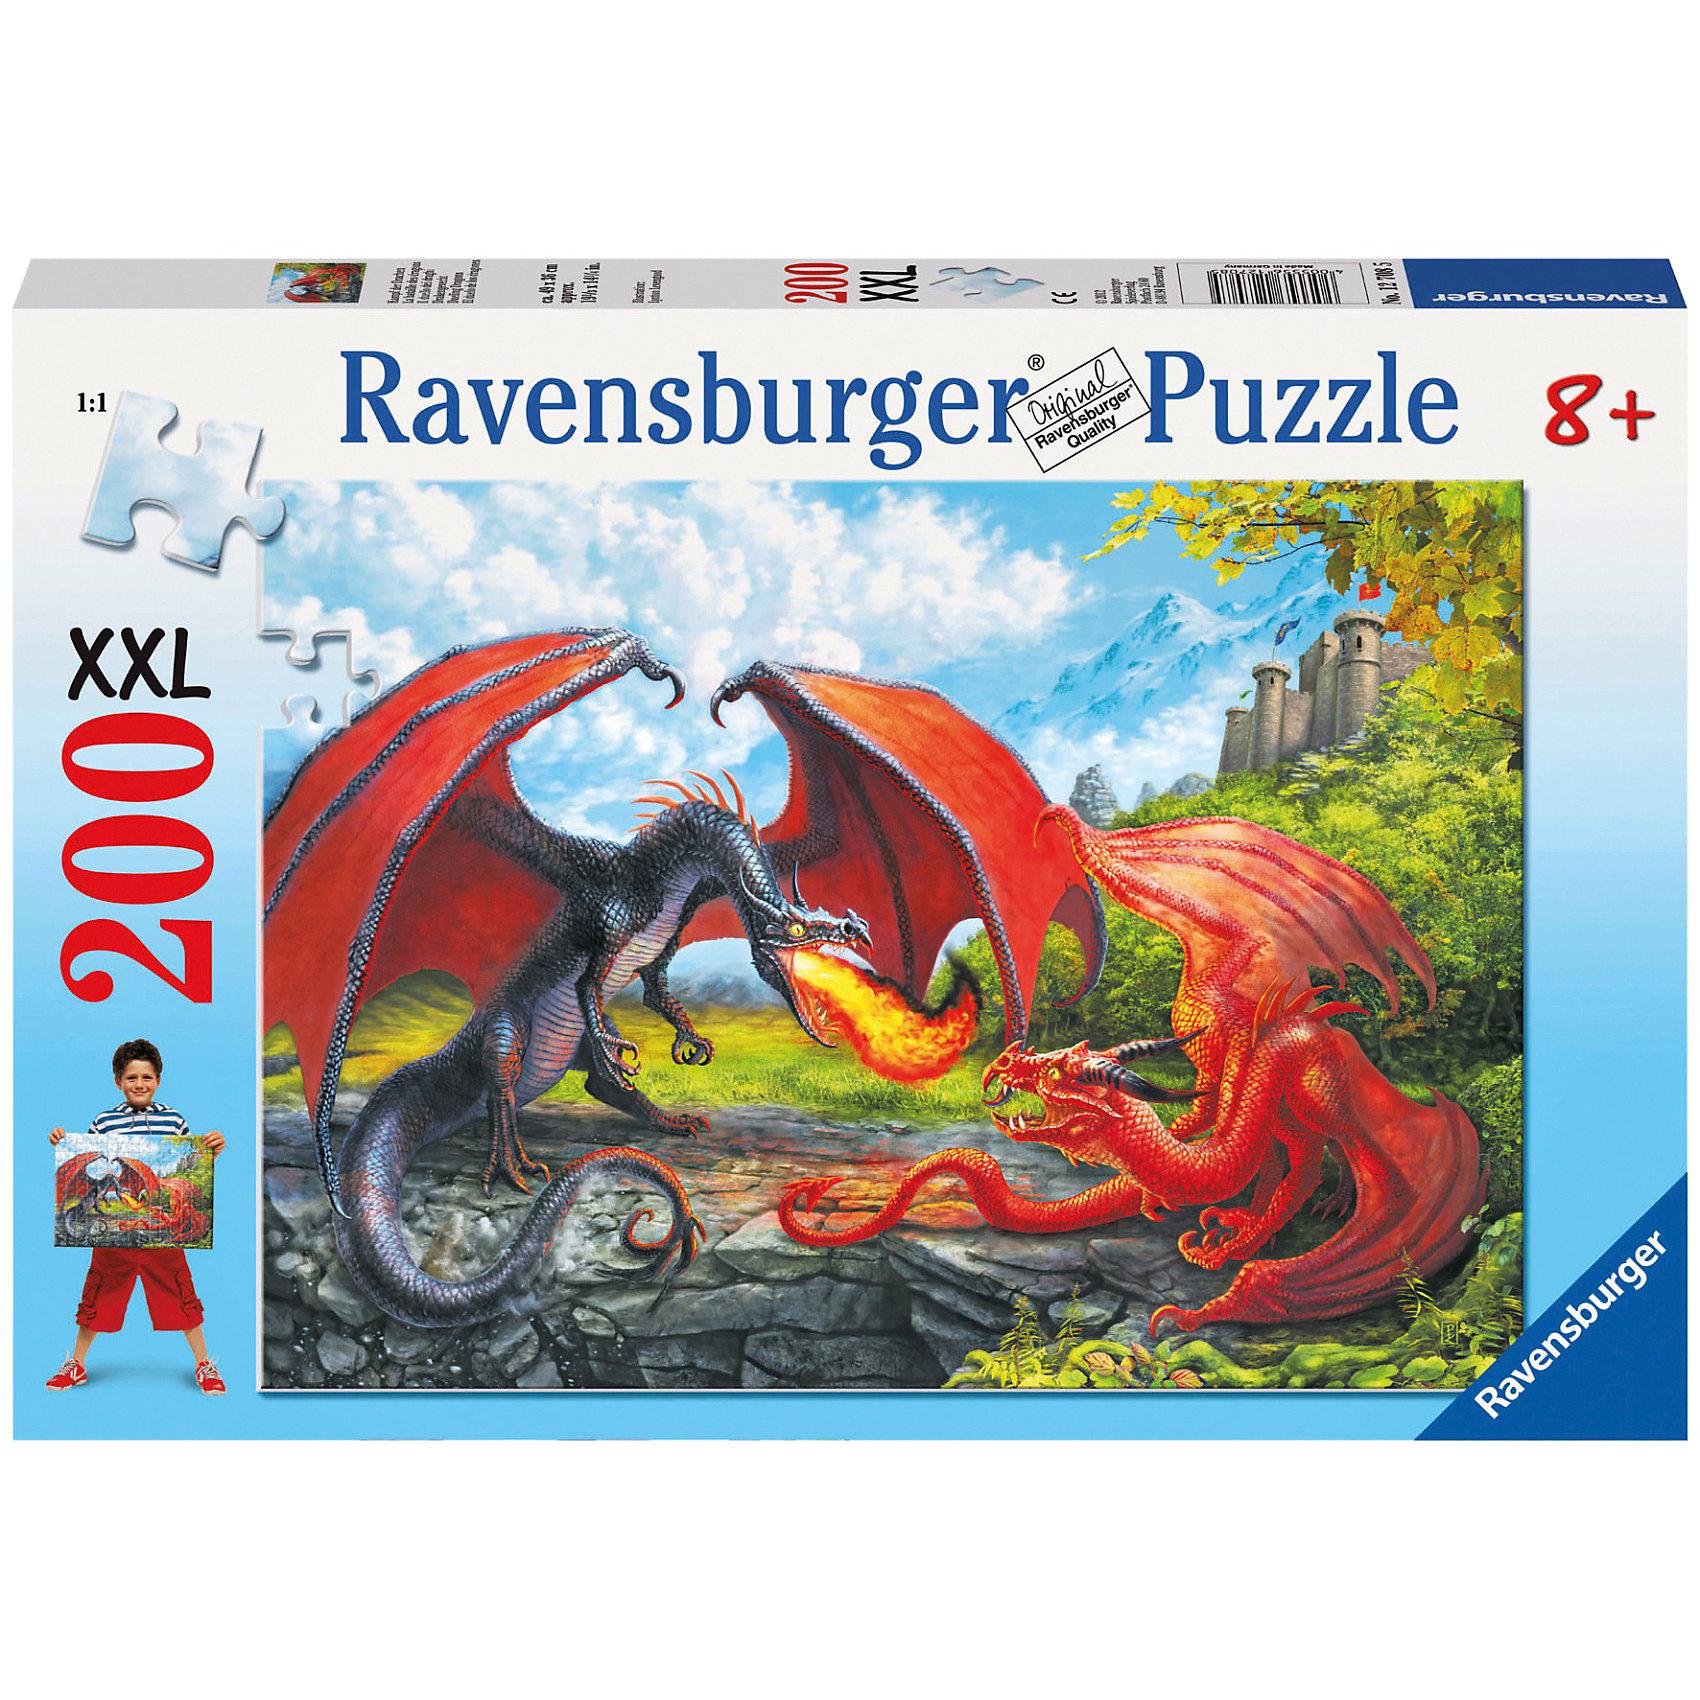 Пазл «Битва драконов» XXL 200 деталей, RavensburgerПазлы для детей постарше<br>Пазл «Битва драконов» XXL 200 деталей, Ravensburger (Равенсбургер) – увлекательное времяпрепровождение для Вашего ребенка!<br>Пазл «Битва драконов» от немецкой фирмы Ravensburger (Равенсбургер) - это уникальный занимательный и развивающий пазл. Собирая картинку, ребенок развивает логическое мышление, воображение, мелкую моторику и умение принимать самостоятельные решения. Пазлы Ravensburger неповторимы и уникальны тем, что для их изготовления используется картон наивысшего класса, благодаря которому сложенные головоломки не сгибаются, сам картон не отделяется от картинки, а сложенная картинка представляется абсолютно плоской и не деформируется даже спустя время. Прочные детали не ломаются. Каждая деталь имеет свою форму и подходит только на своё место. Матовая поверхность исключает неприятные отблески. Изготовлено из экологического сырья.<br><br>Дополнительная информация:<br><br>- Количество деталей: 200<br>- Размер картинки: 36х49 см.<br>- Материал: прочный картон<br>- Размер коробки: 34 x 4 x 23 см.<br><br>Пазл «Битва драконов» XXL 200 деталей, Ravensburger (Равенсбургер) можно купить в нашем интернет-магазине.<br><br>Ширина мм: 338<br>Глубина мм: 233<br>Высота мм: 38<br>Вес г: 507<br>Возраст от месяцев: 96<br>Возраст до месяцев: 120<br>Пол: Мужской<br>Возраст: Детский<br>Количество деталей: 200<br>SKU: 3176770